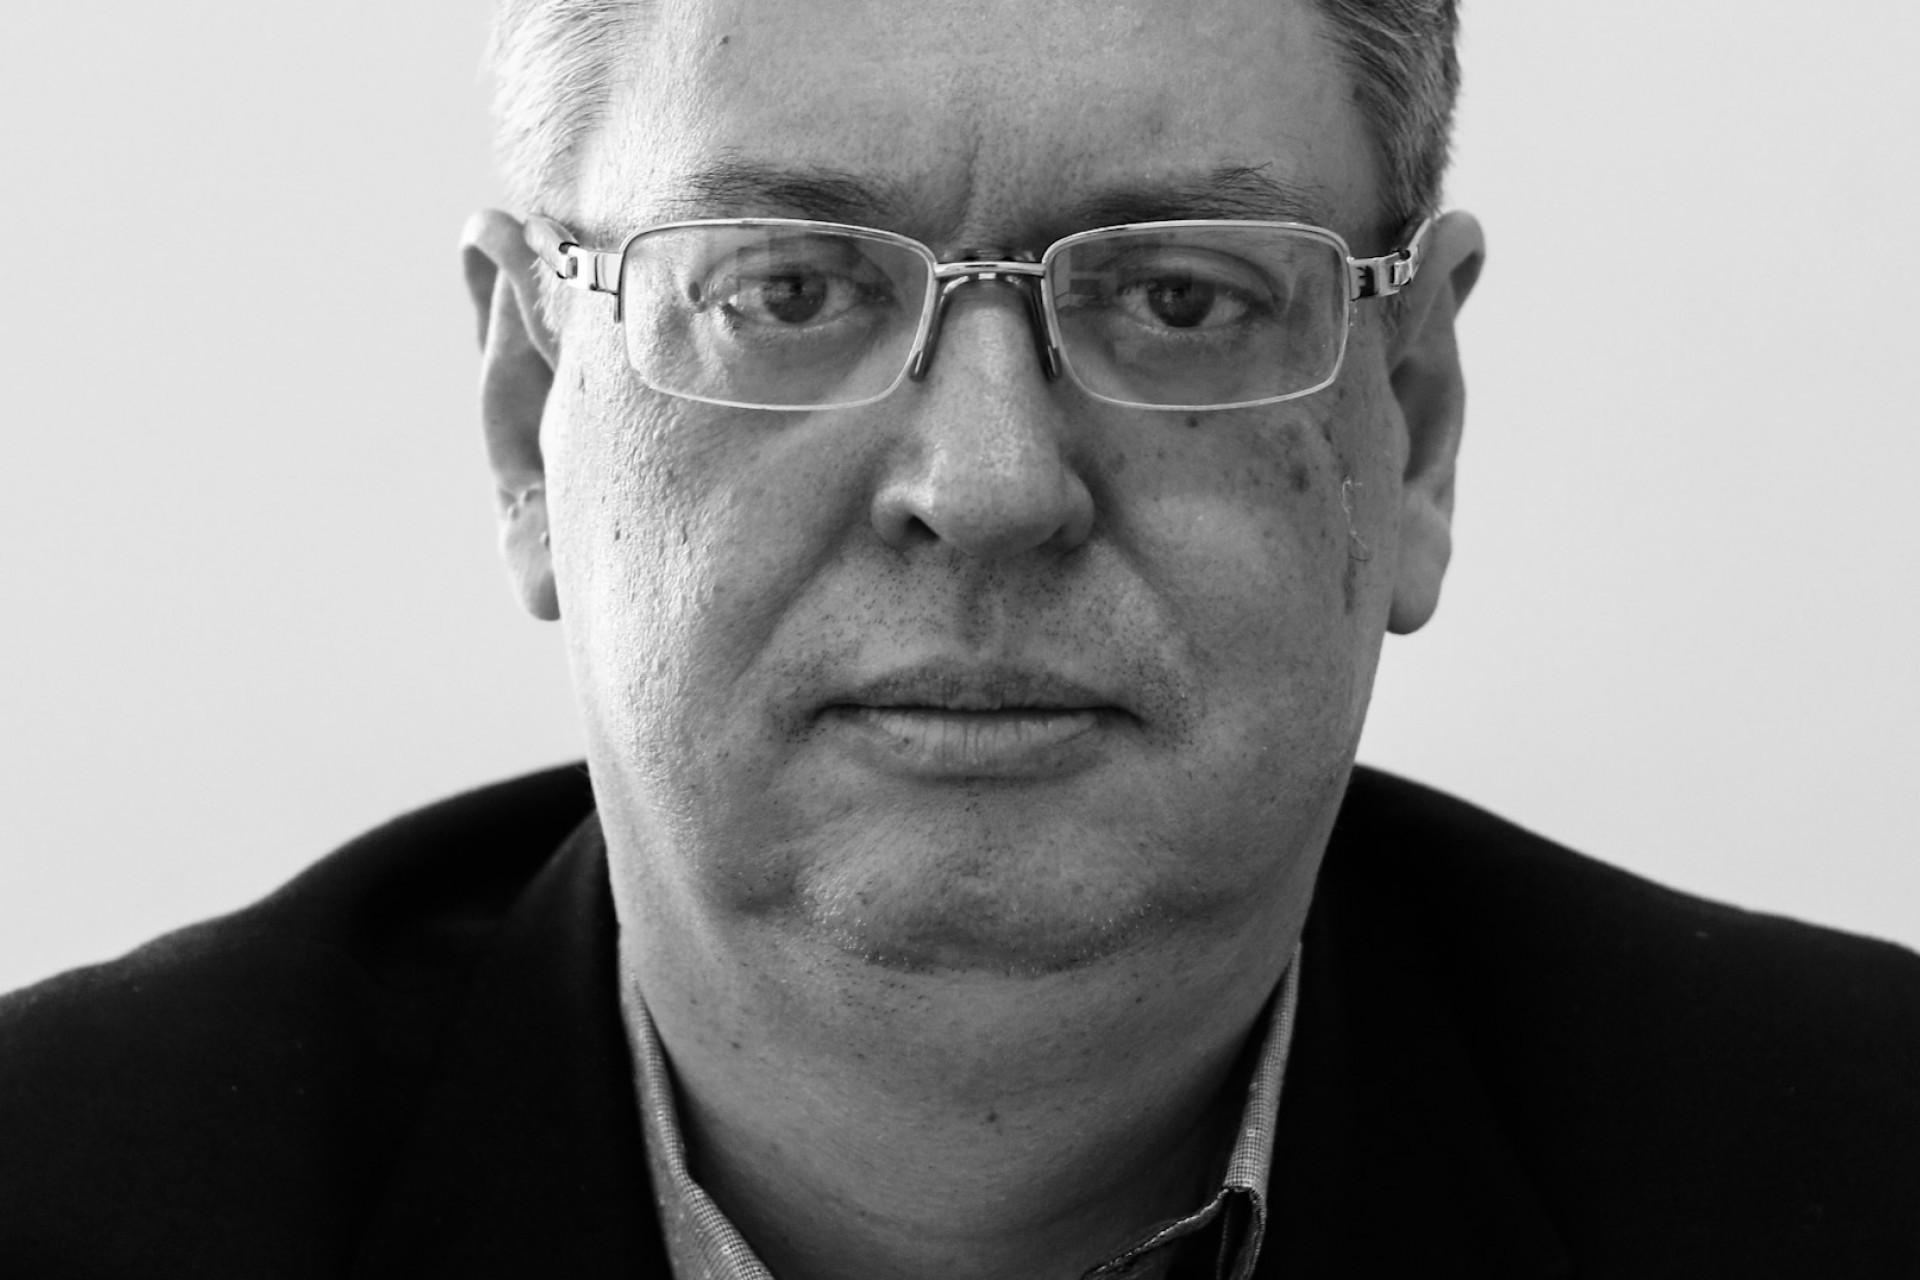 FORTALEZA, 16-12-2020: Fotos do economista Celio Fernando para o especial de Ano Novo/ Perspectivas. (foto: Bárbara Moira)